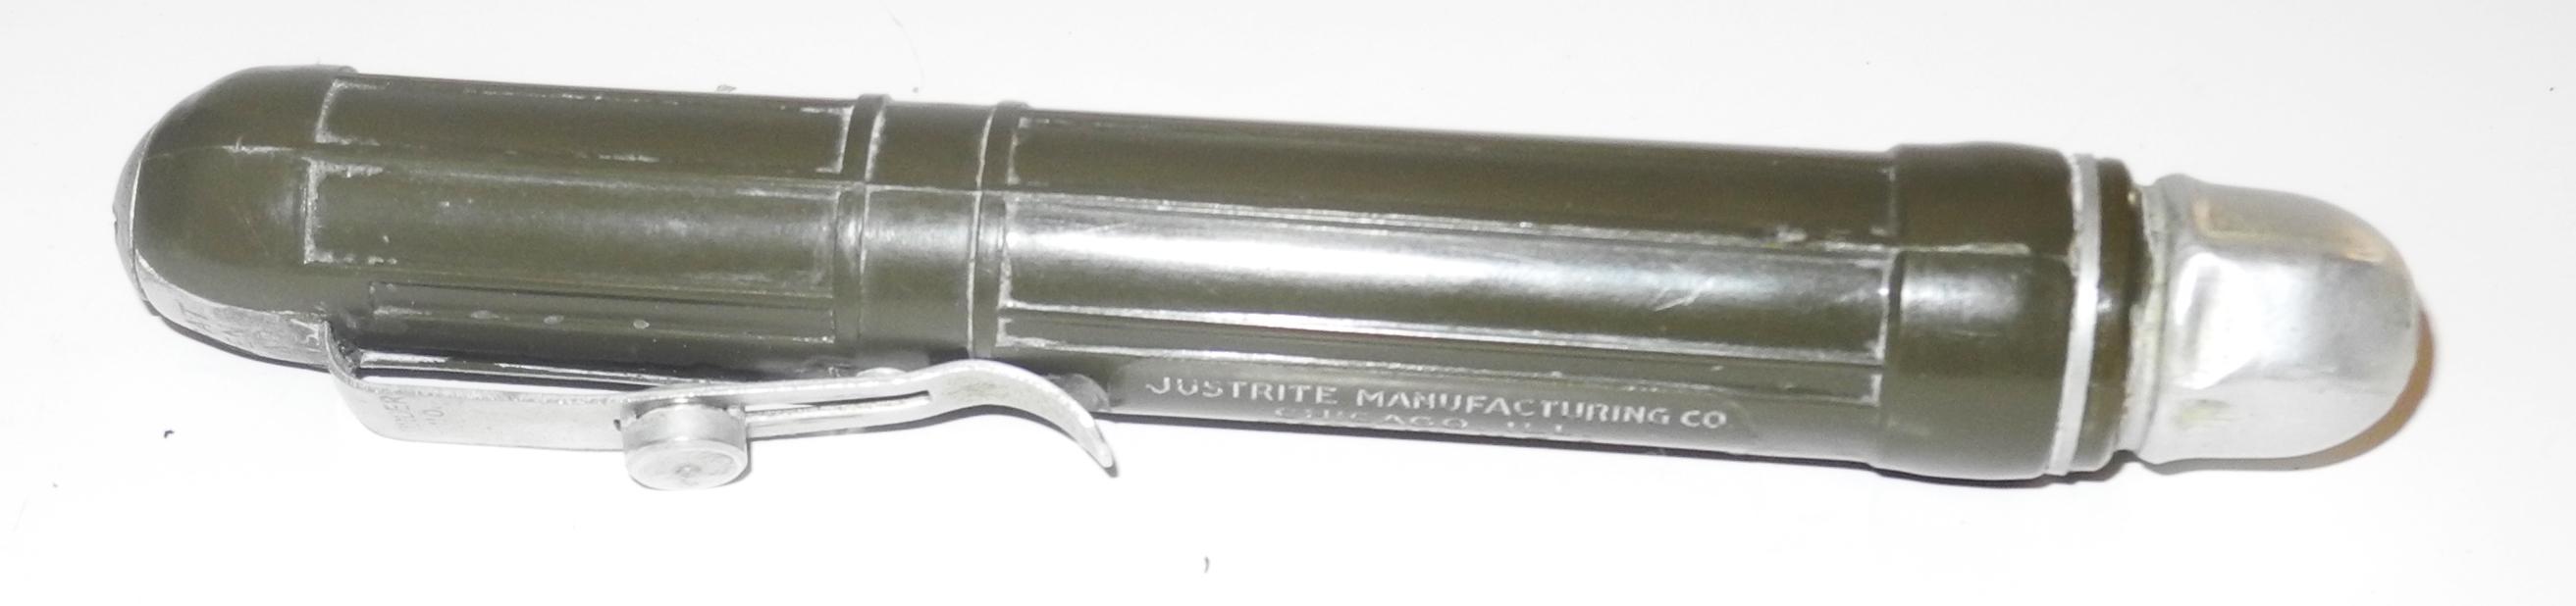 AAF A-6B penlight